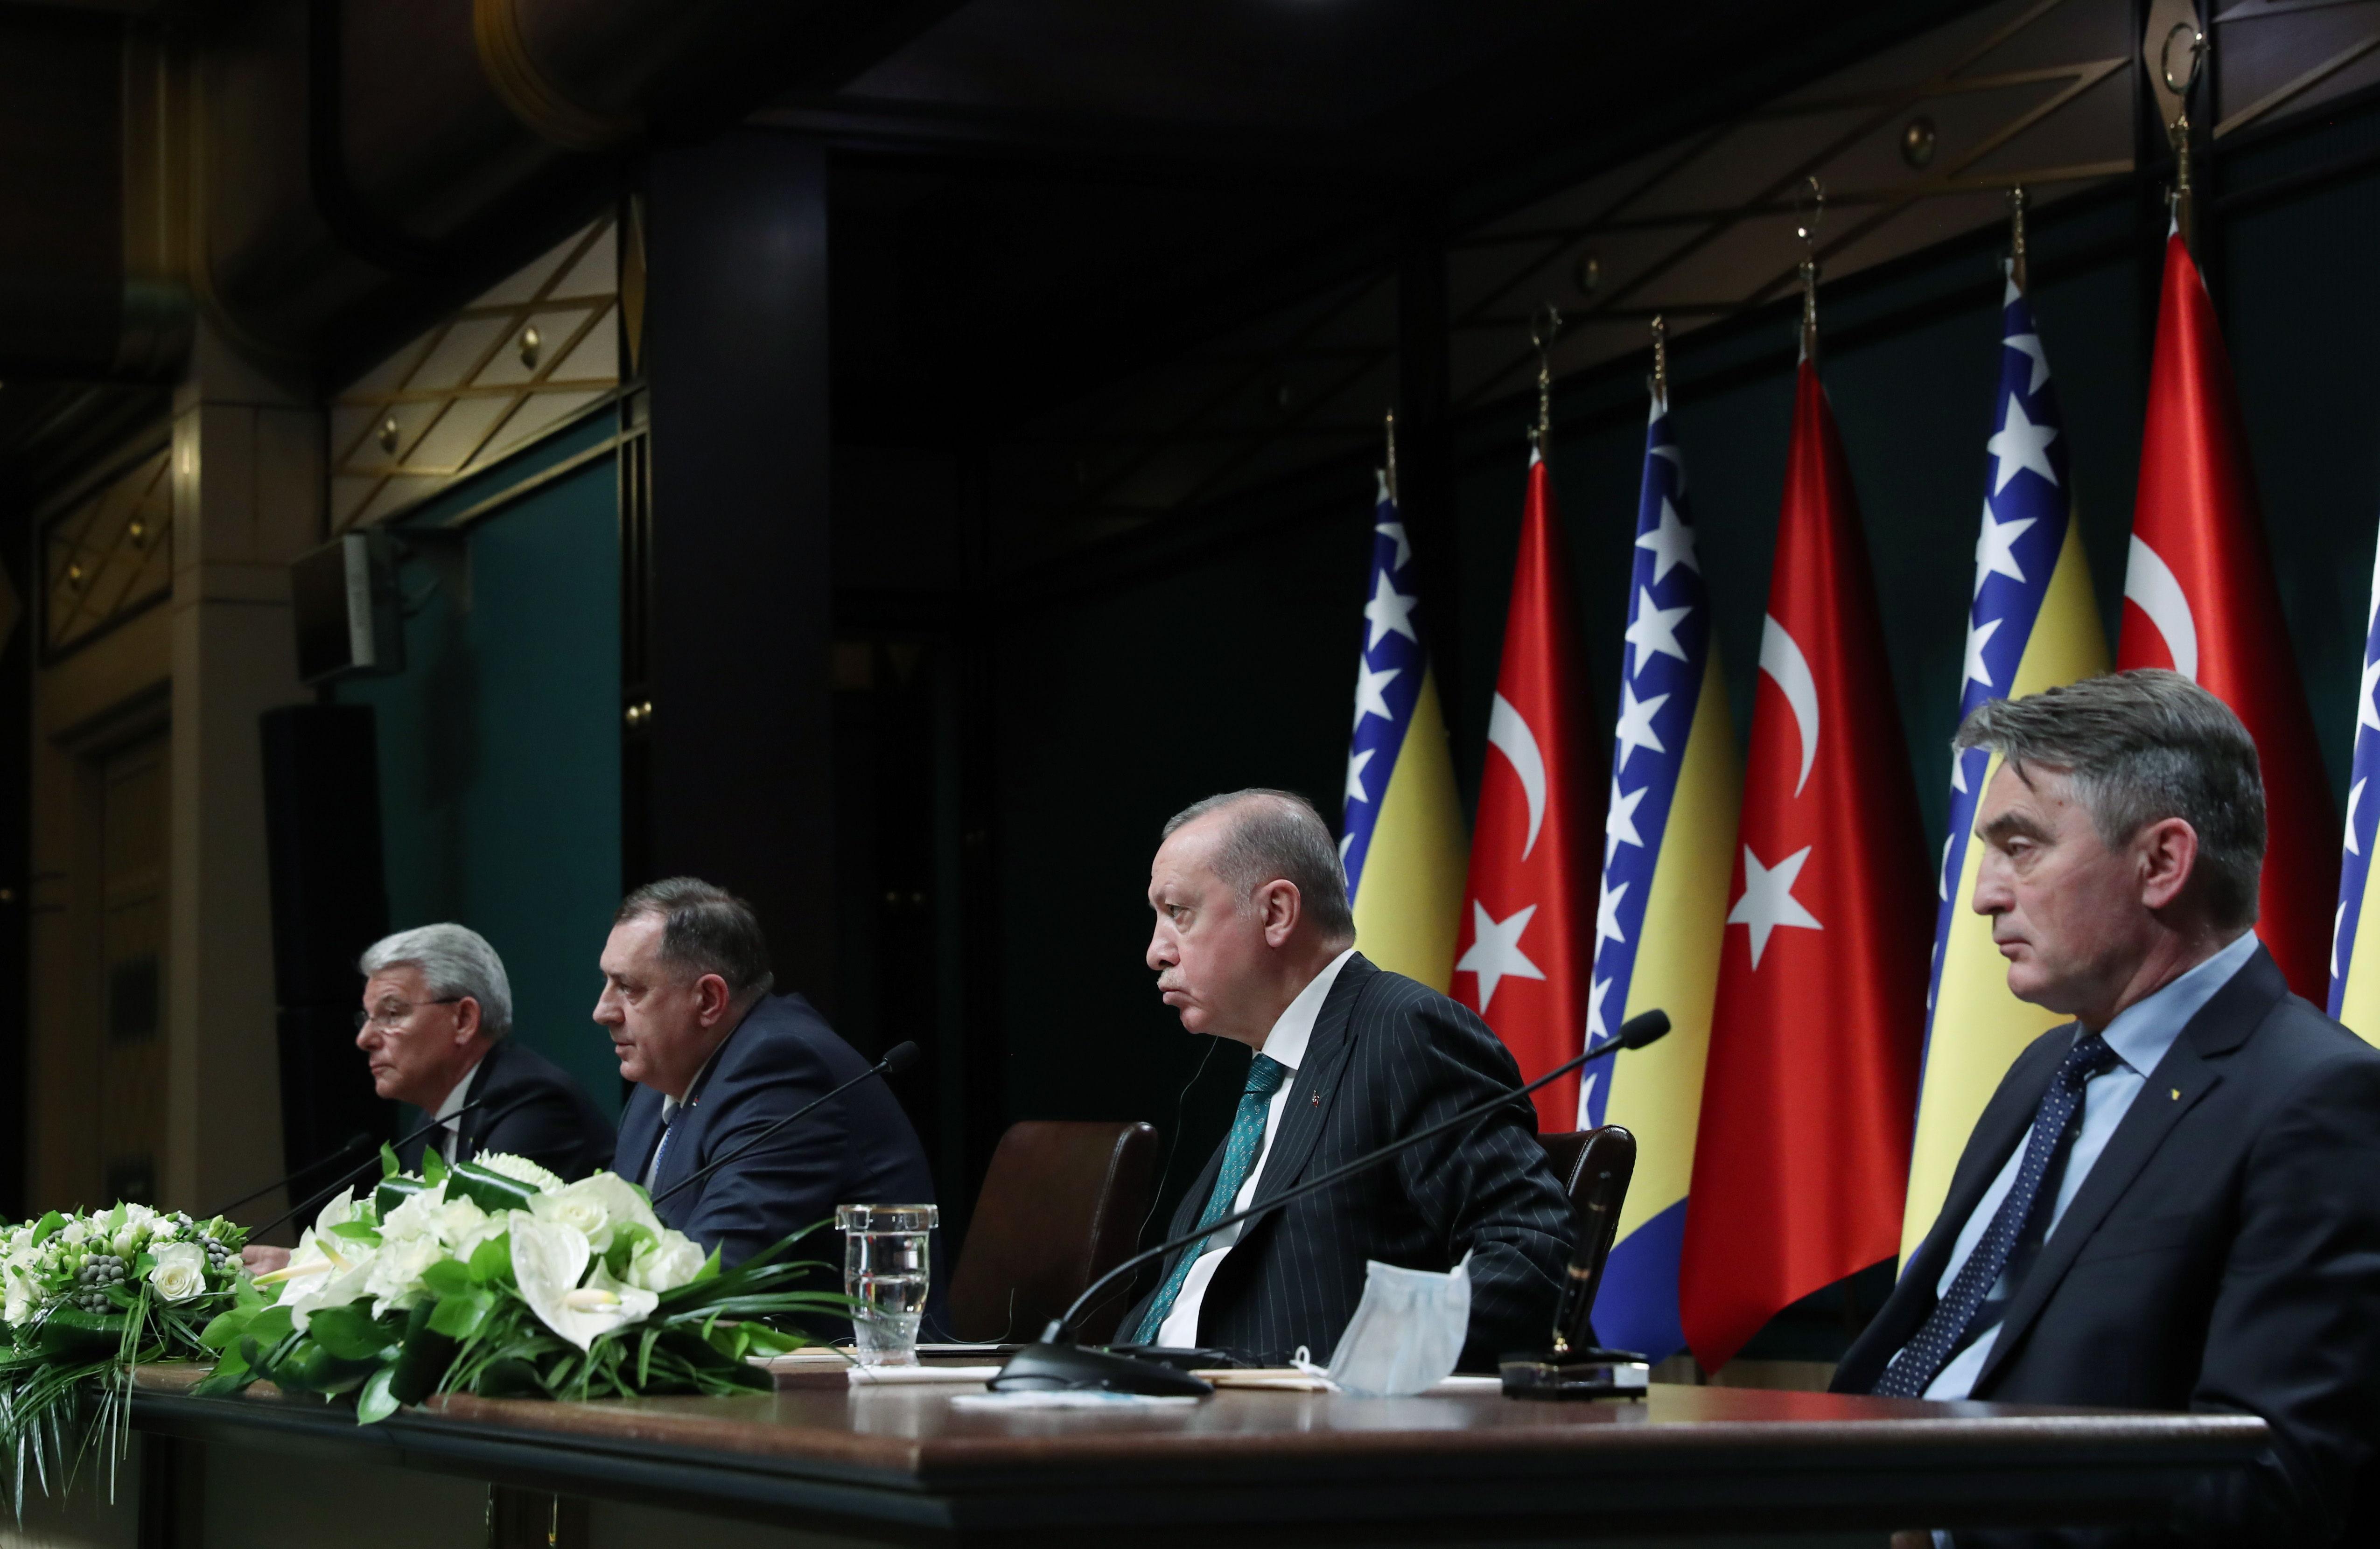 El presidente Erdogan, en el centro, en un acto en Ankara.